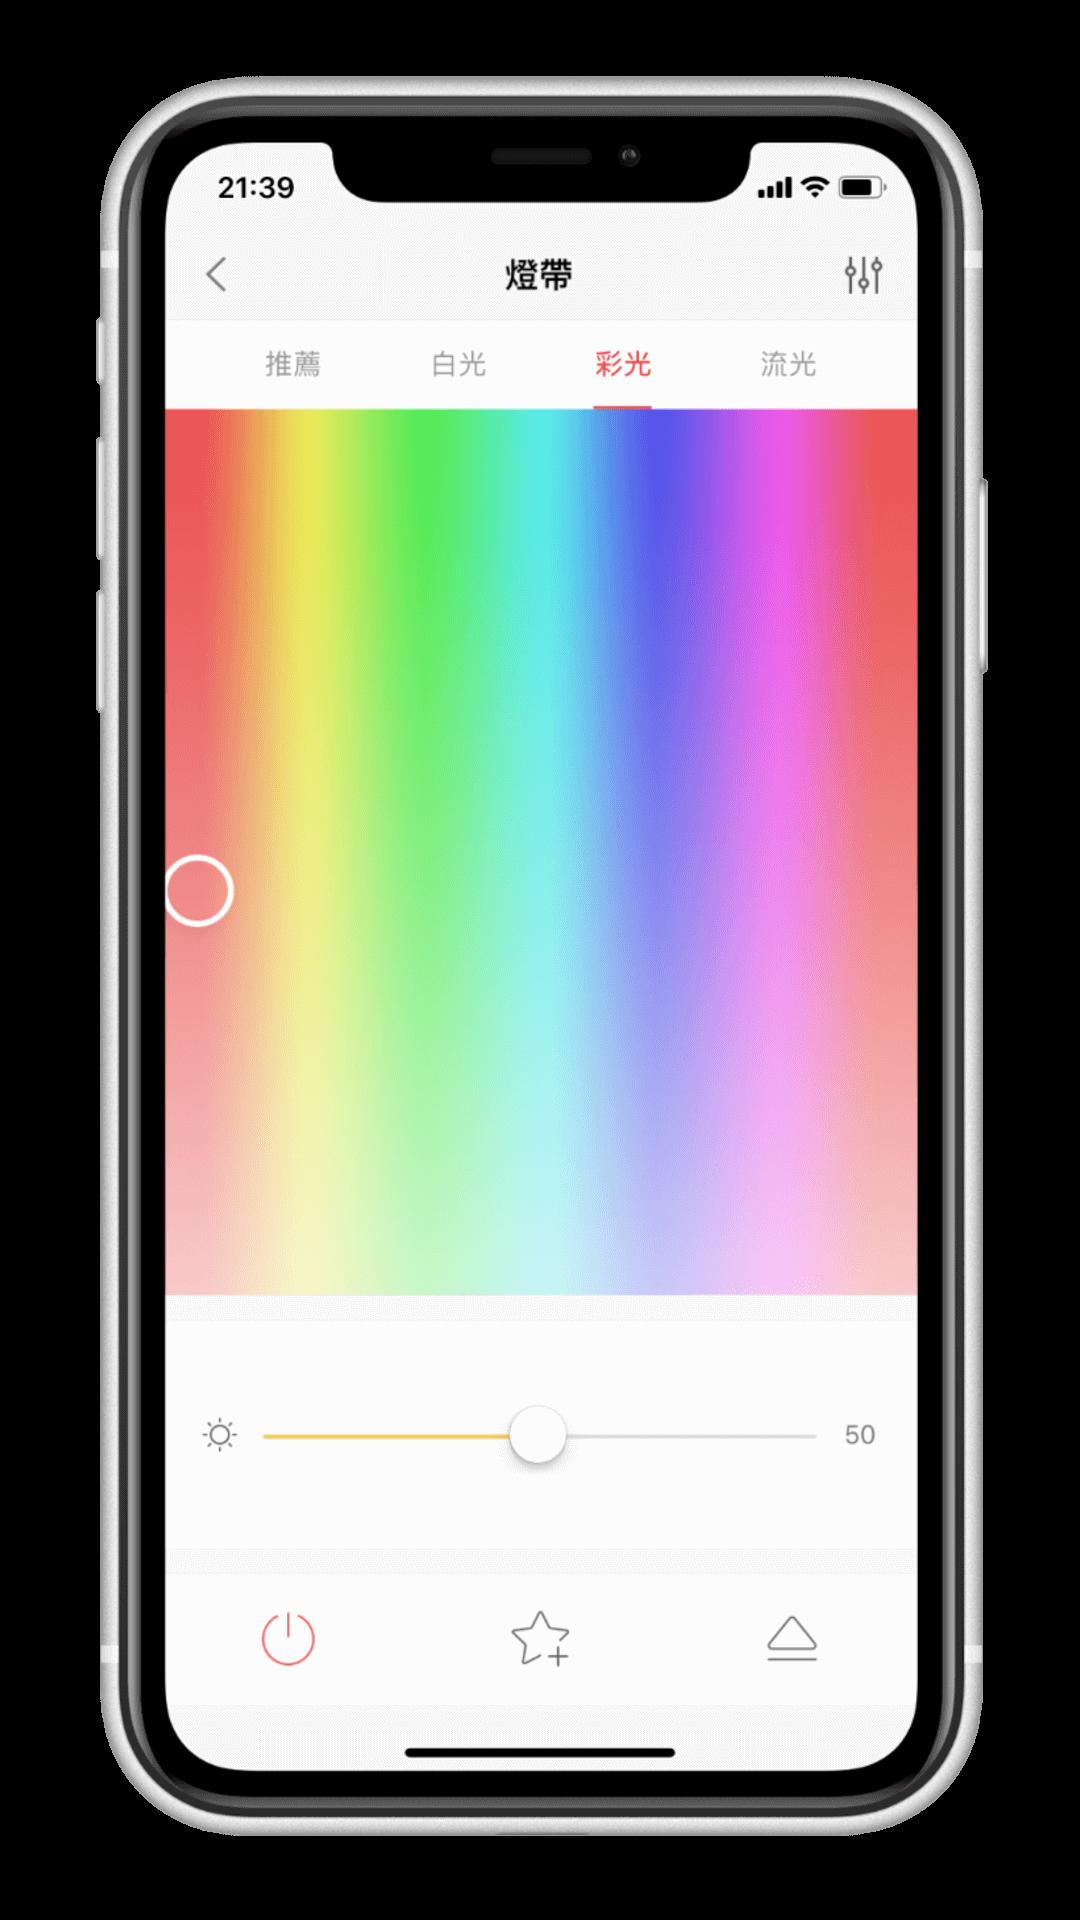 Yeelight 彩光燈帶設定教學 Yeelight App